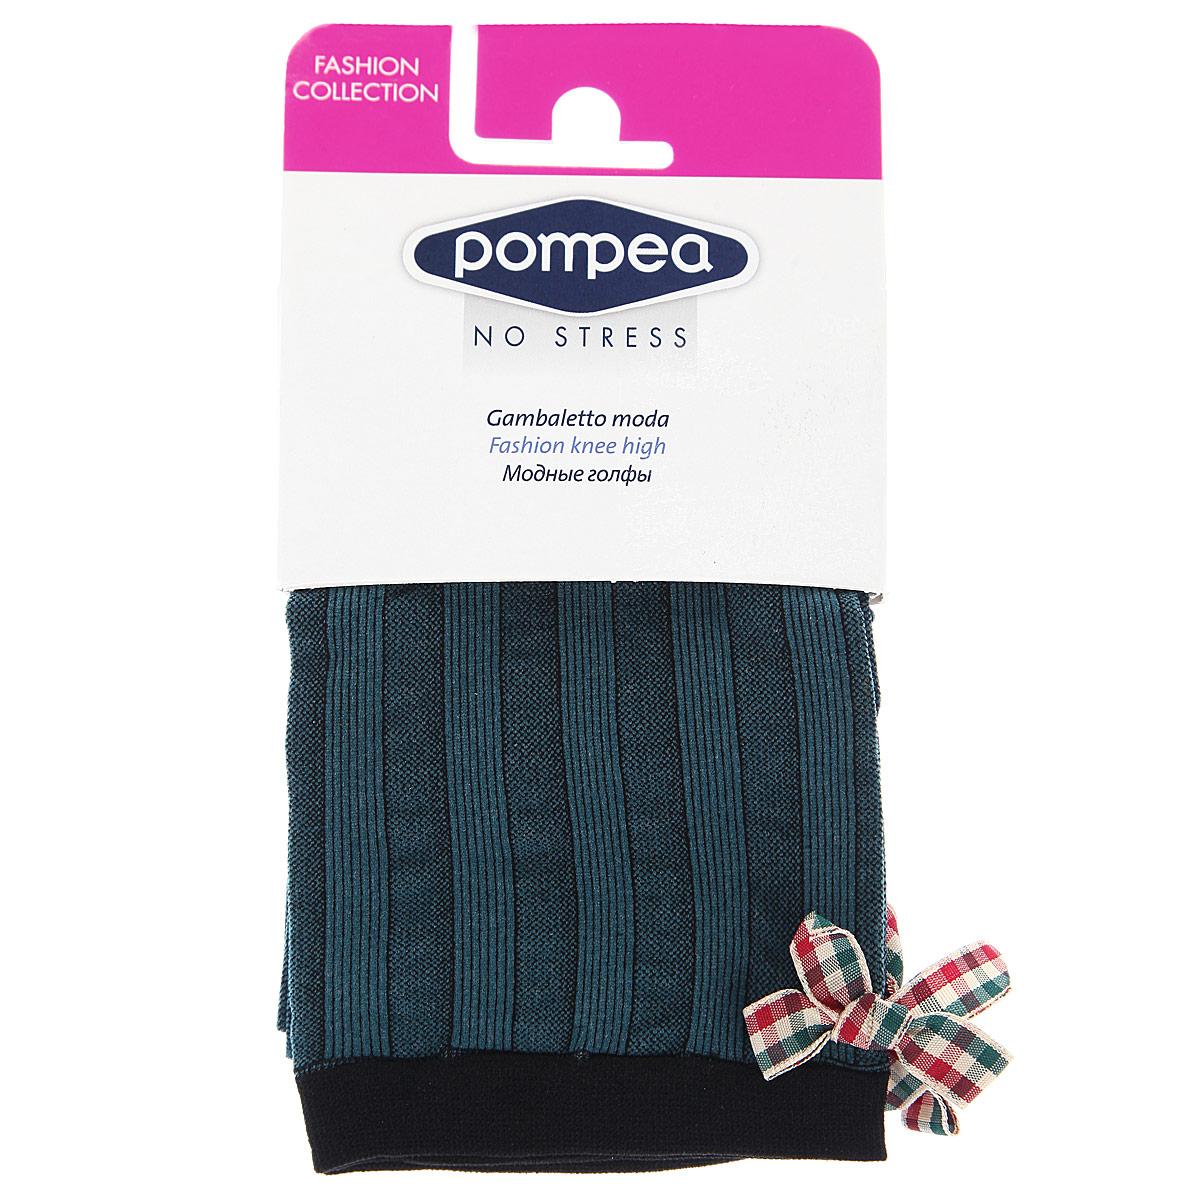 Гольфы женские Pompea Morden Fashion 70, цвет: Petrolio (нефтяной). 90768989. Размер универсальный